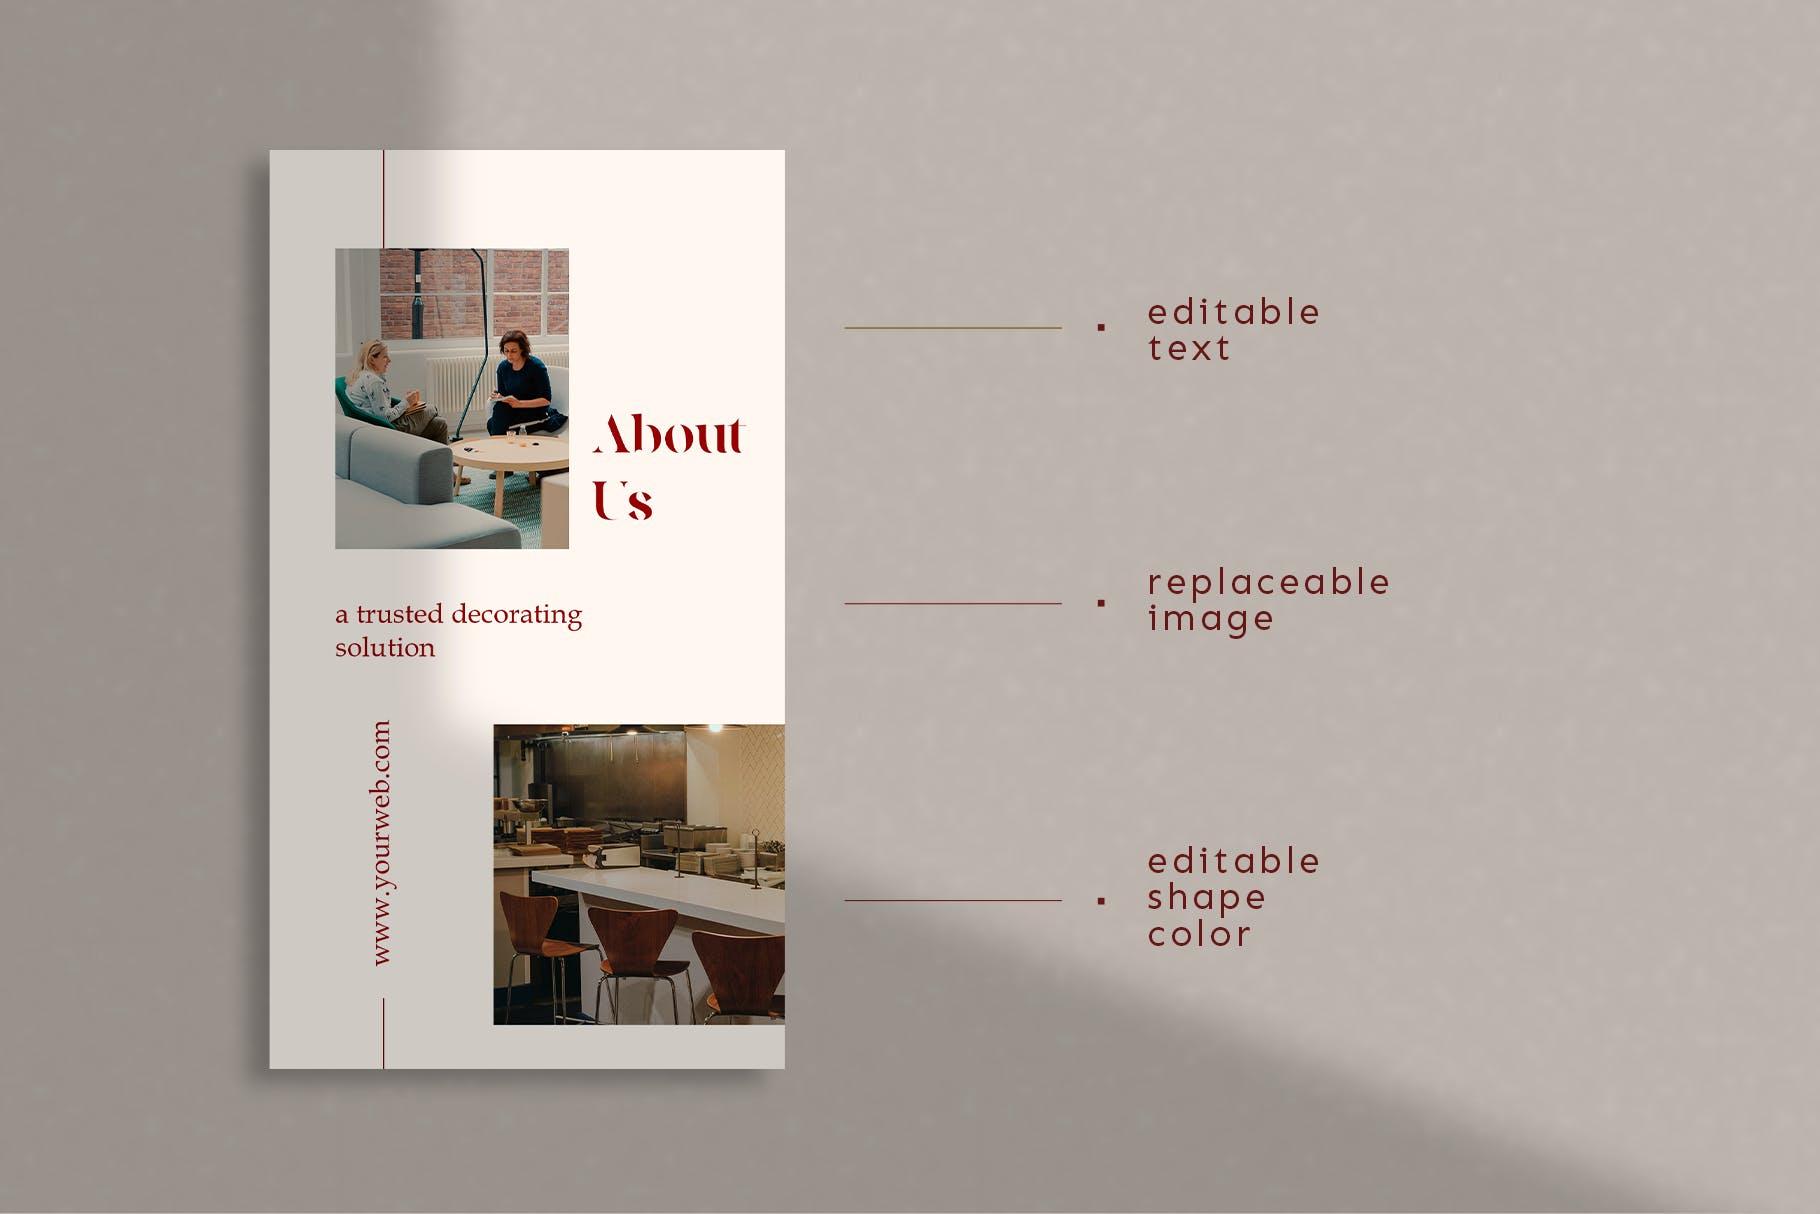 时尚室内设计摄影作品集推广新媒体电商海报模板 Walnut – Instagram Template插图(6)